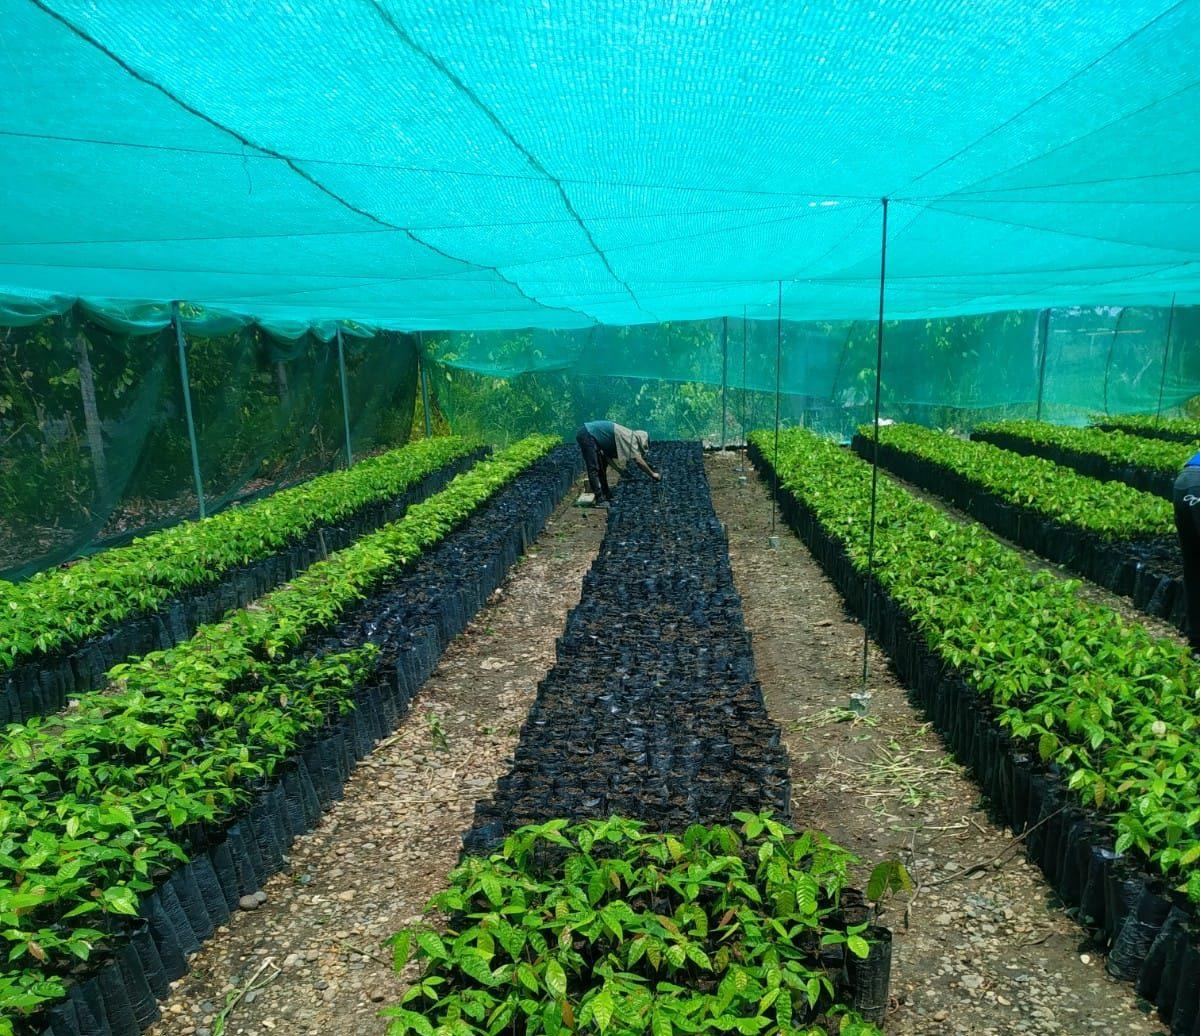 plantones-de-cacao-e1607910396398.jpeg